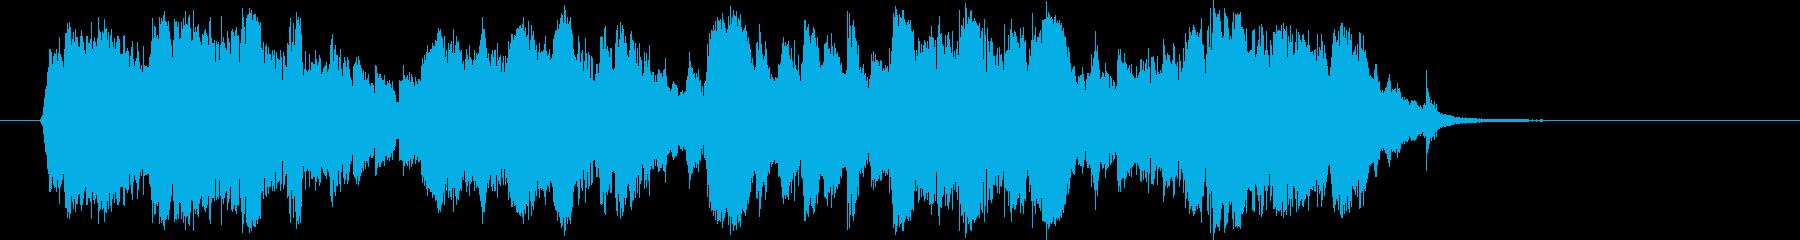 華麗でメロディアスなバイオリンジングルの再生済みの波形